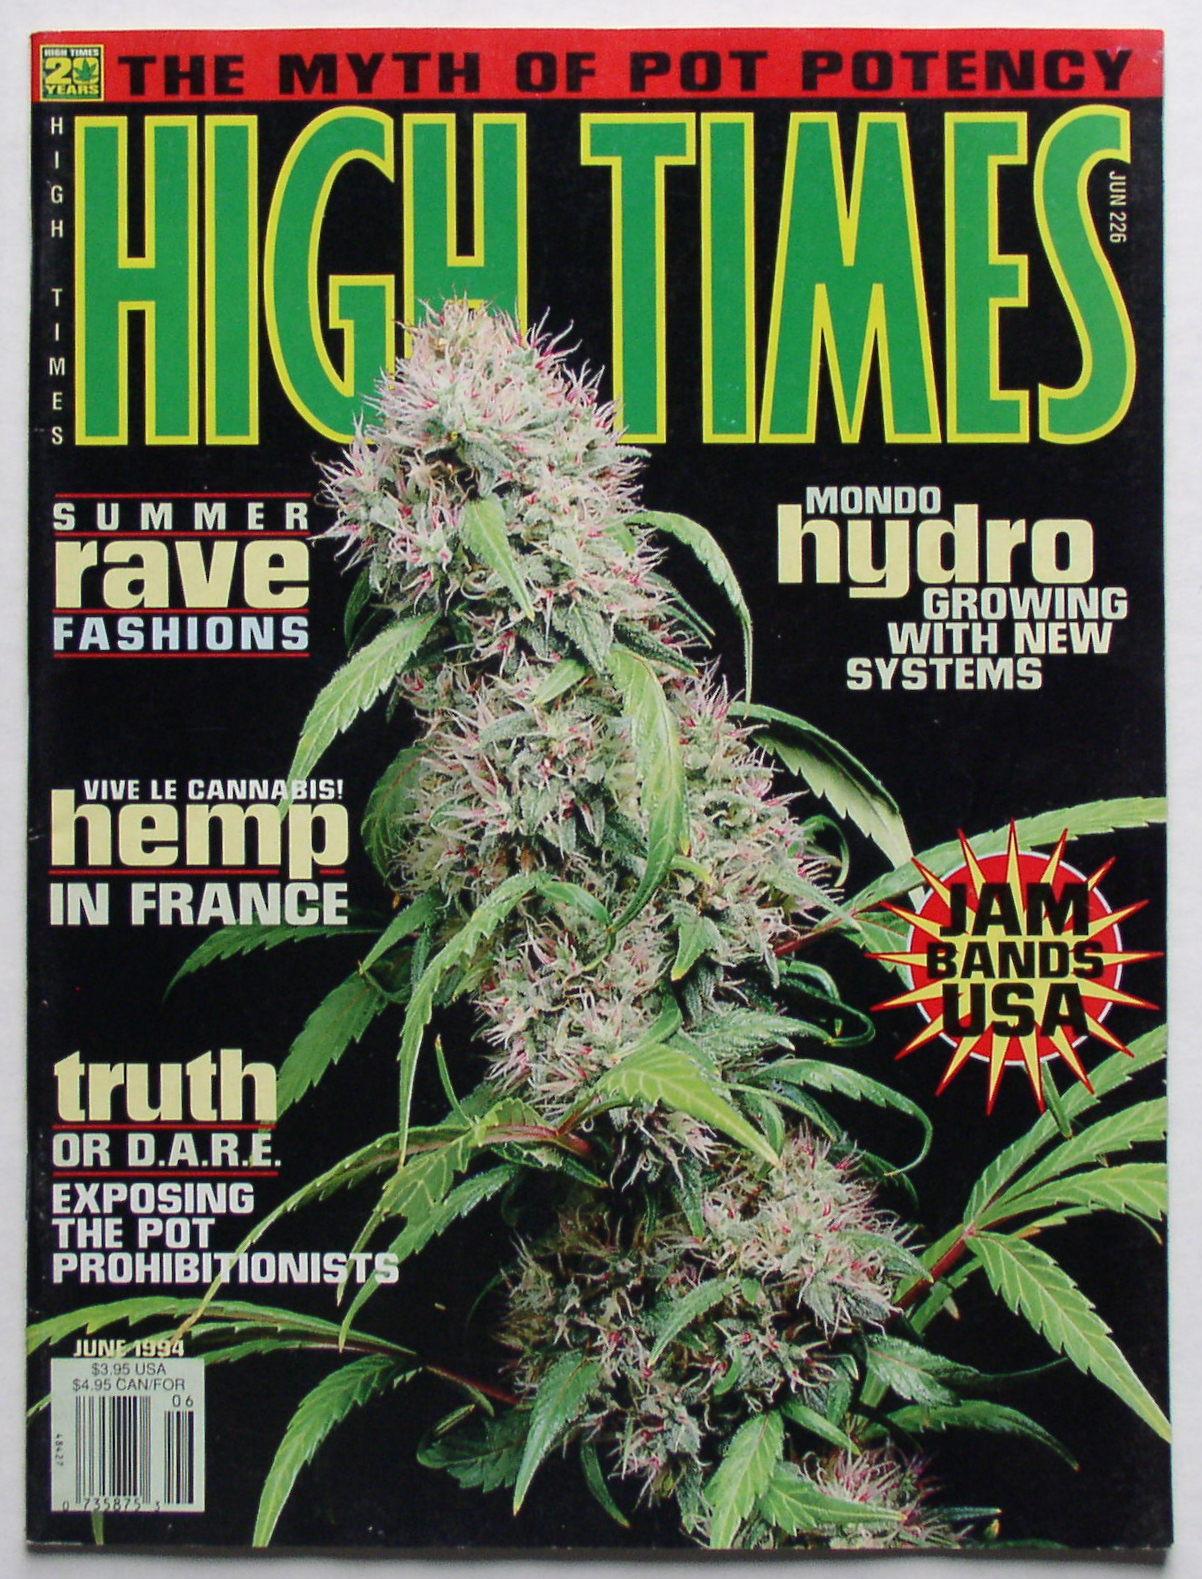 выращивание конопли, марихуана, конопля, травка,